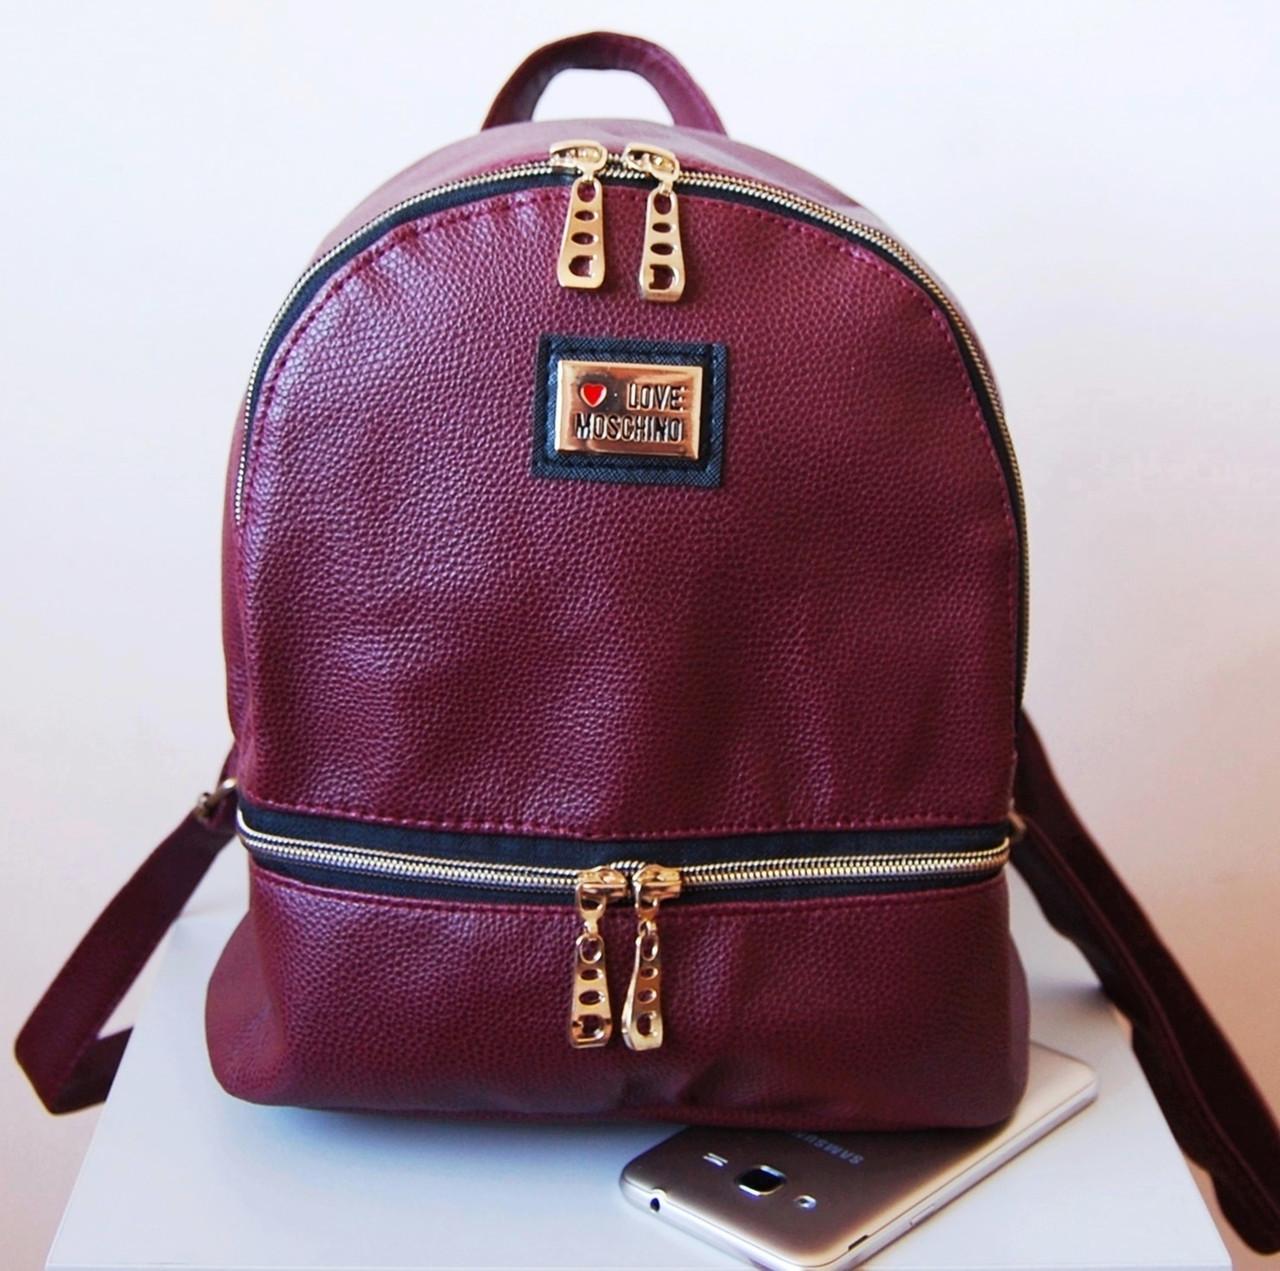 Женский рюкзак Moschino. Городской рюкзак. Стильные женские рюкзаки.